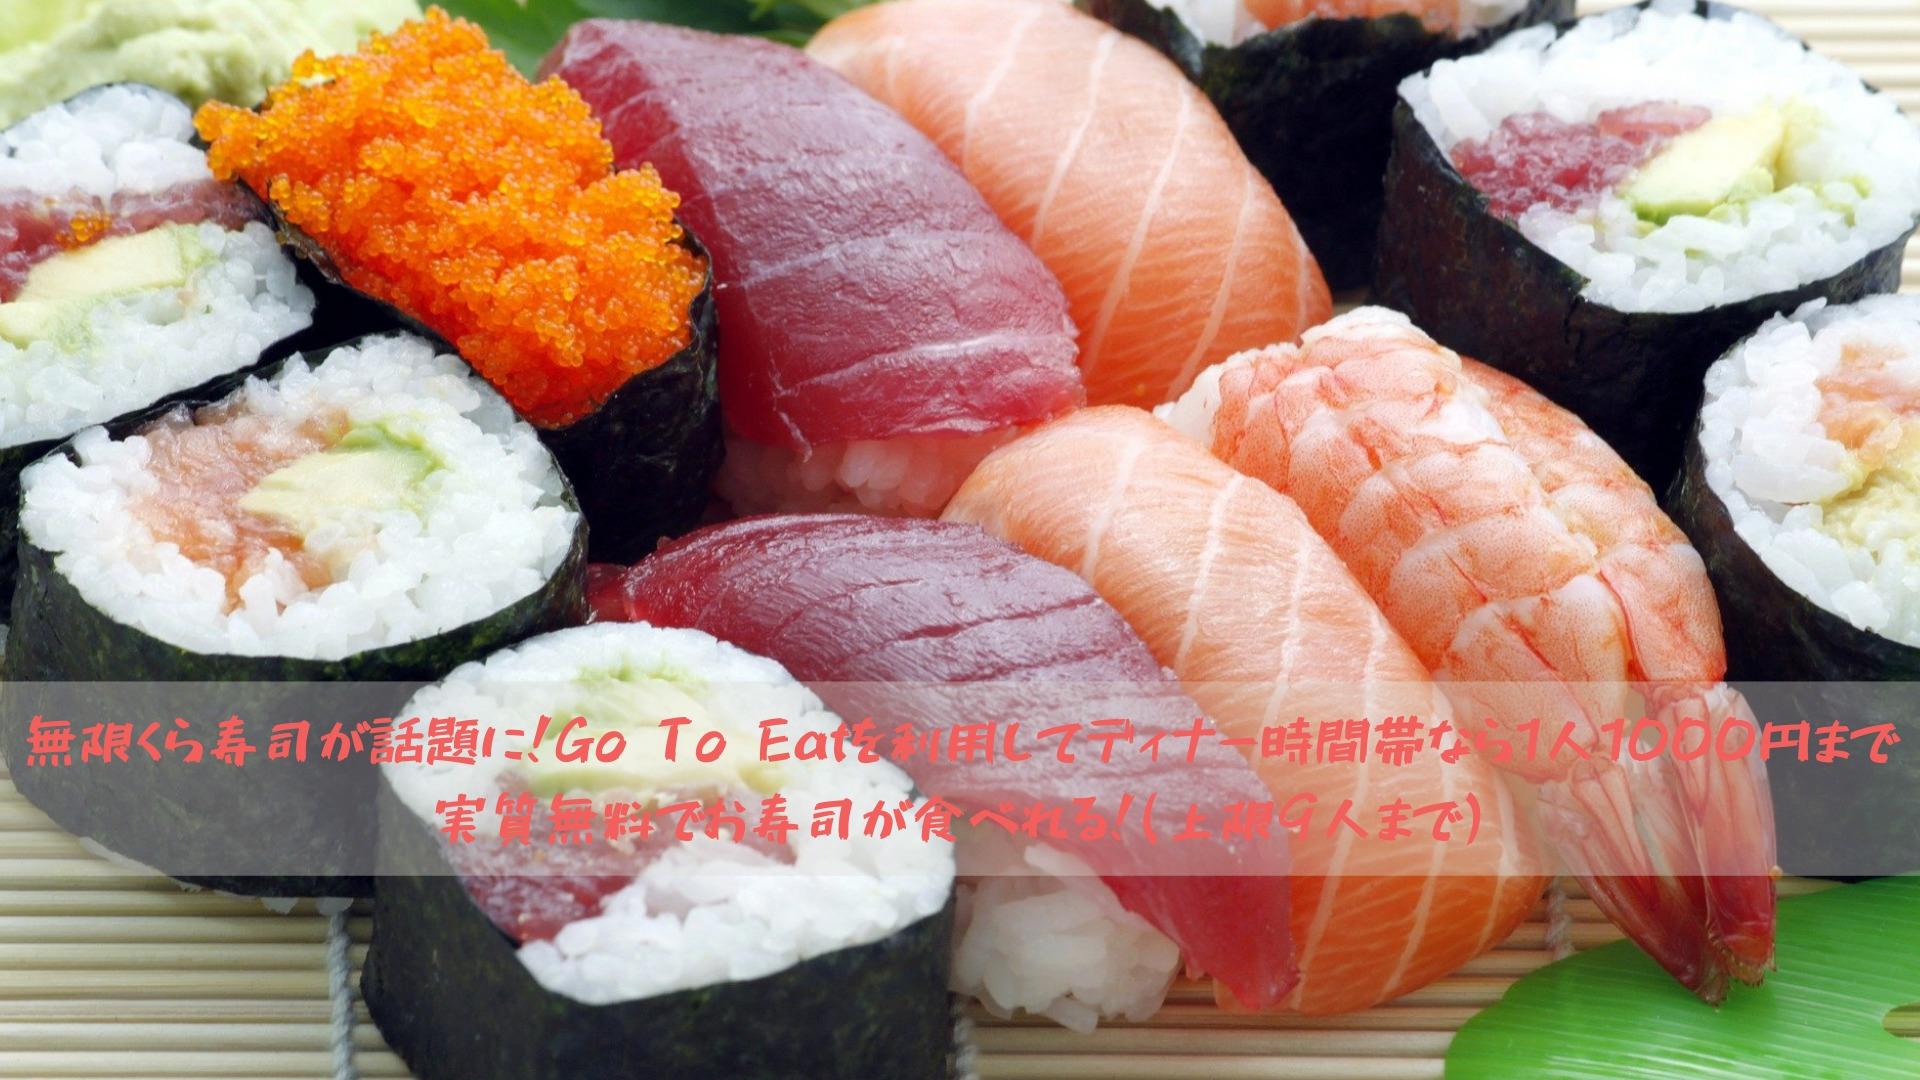 無限くら寿司が話題に!Go To Eatを利用してディナー時間帯なら1人1000円まで 実質無料でお寿司が食べれる!(上限9人まで)